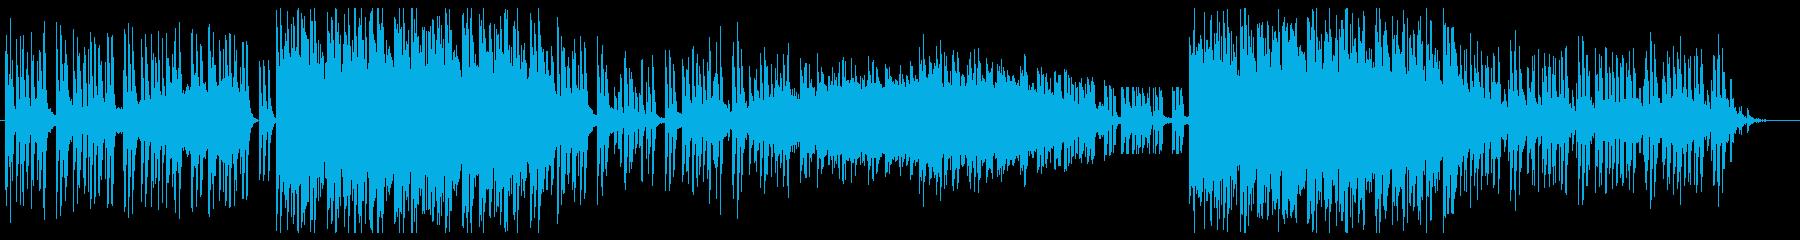 オリエンタルで勇壮なイメージの楽曲の再生済みの波形